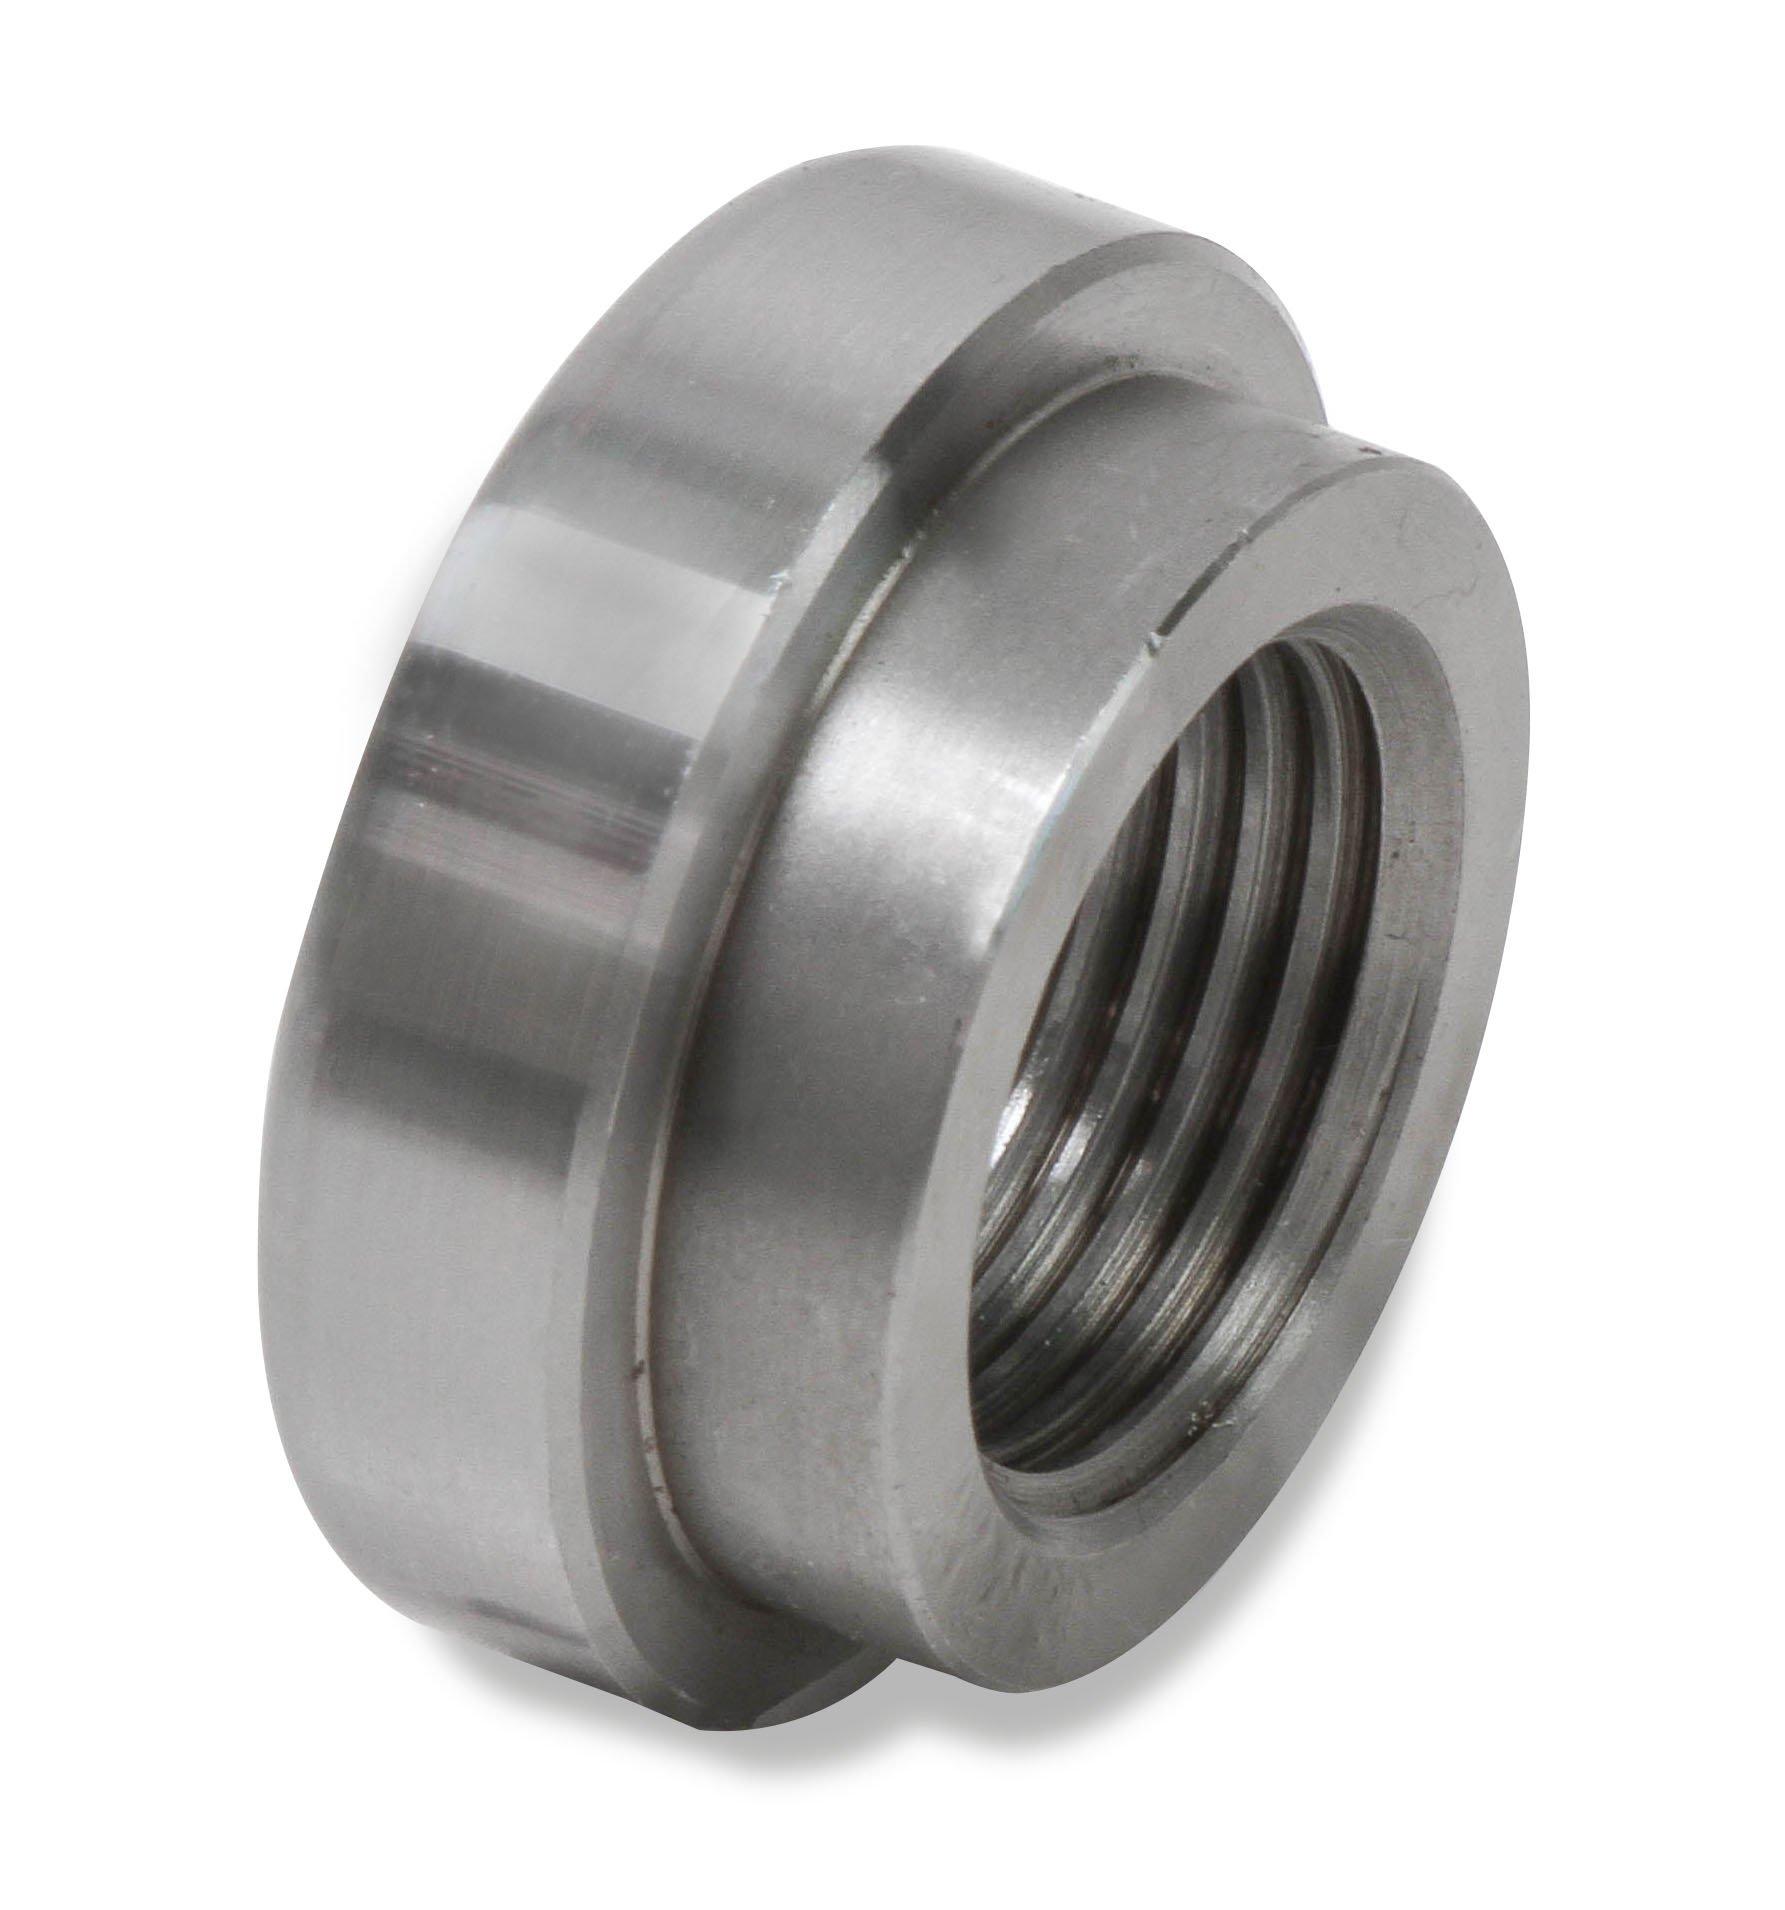 Earls oxy erl oxygen sensor weld fitting bung steel